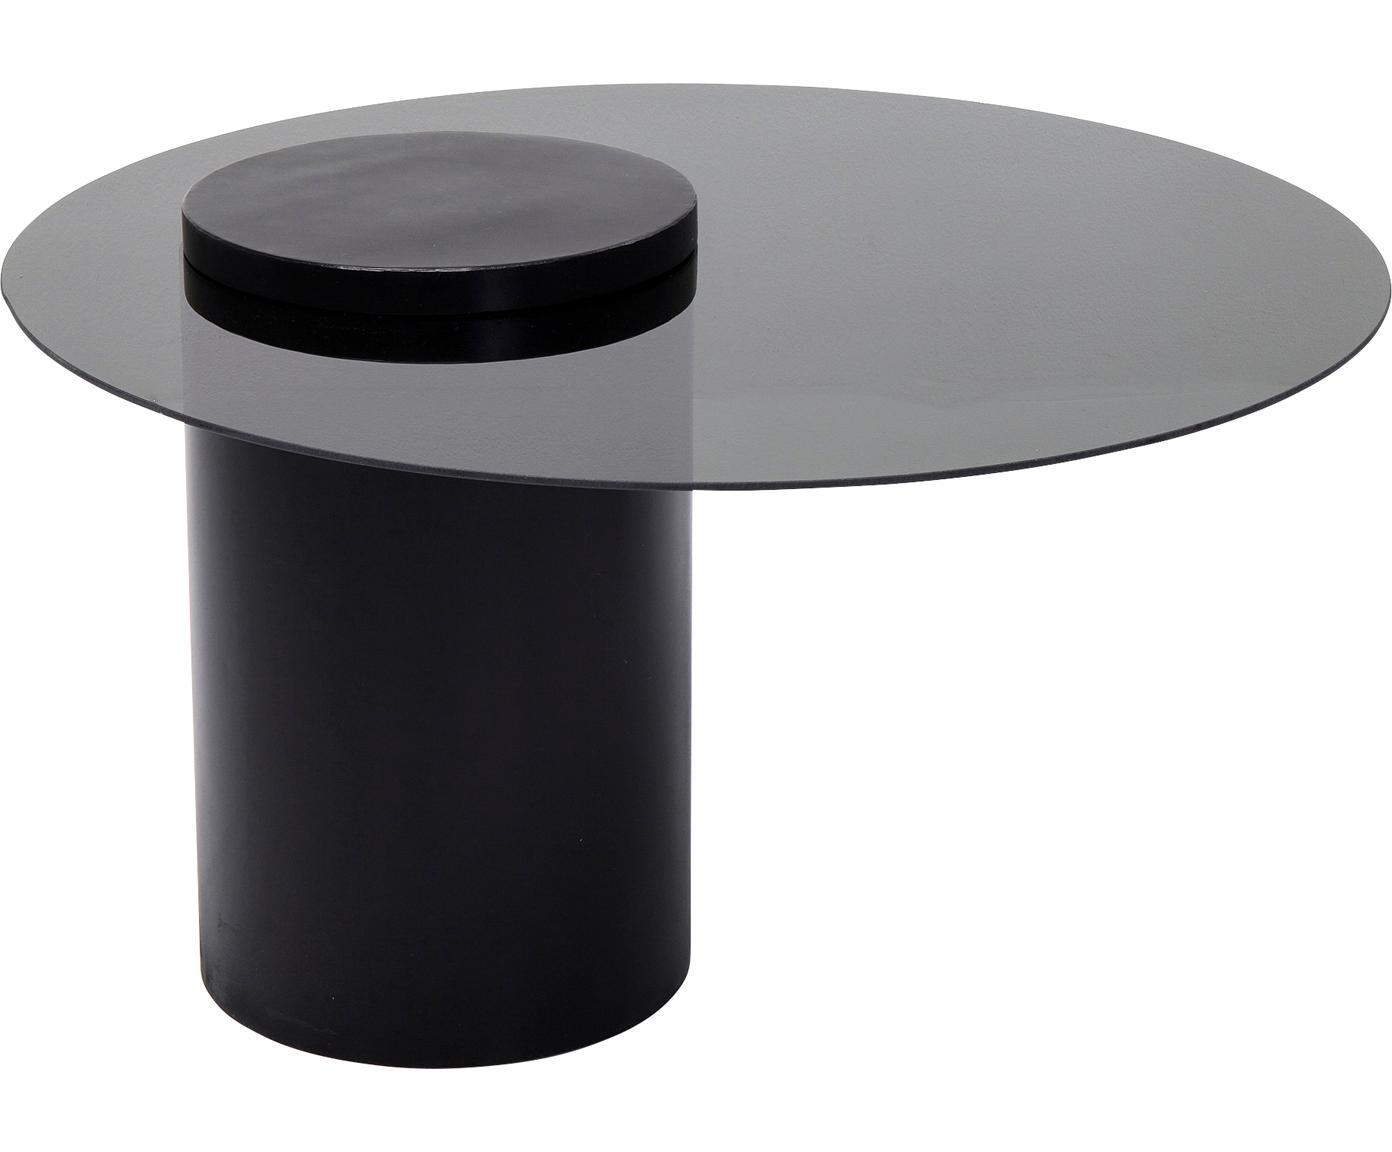 Tavolino da salotto con piano in vetro nero Loft, Piano d'appoggio: vetro temperato (ESG), co, Struttura: metallo, verniciato a pol, Nero, Ø 80 x Alt. 48 cm